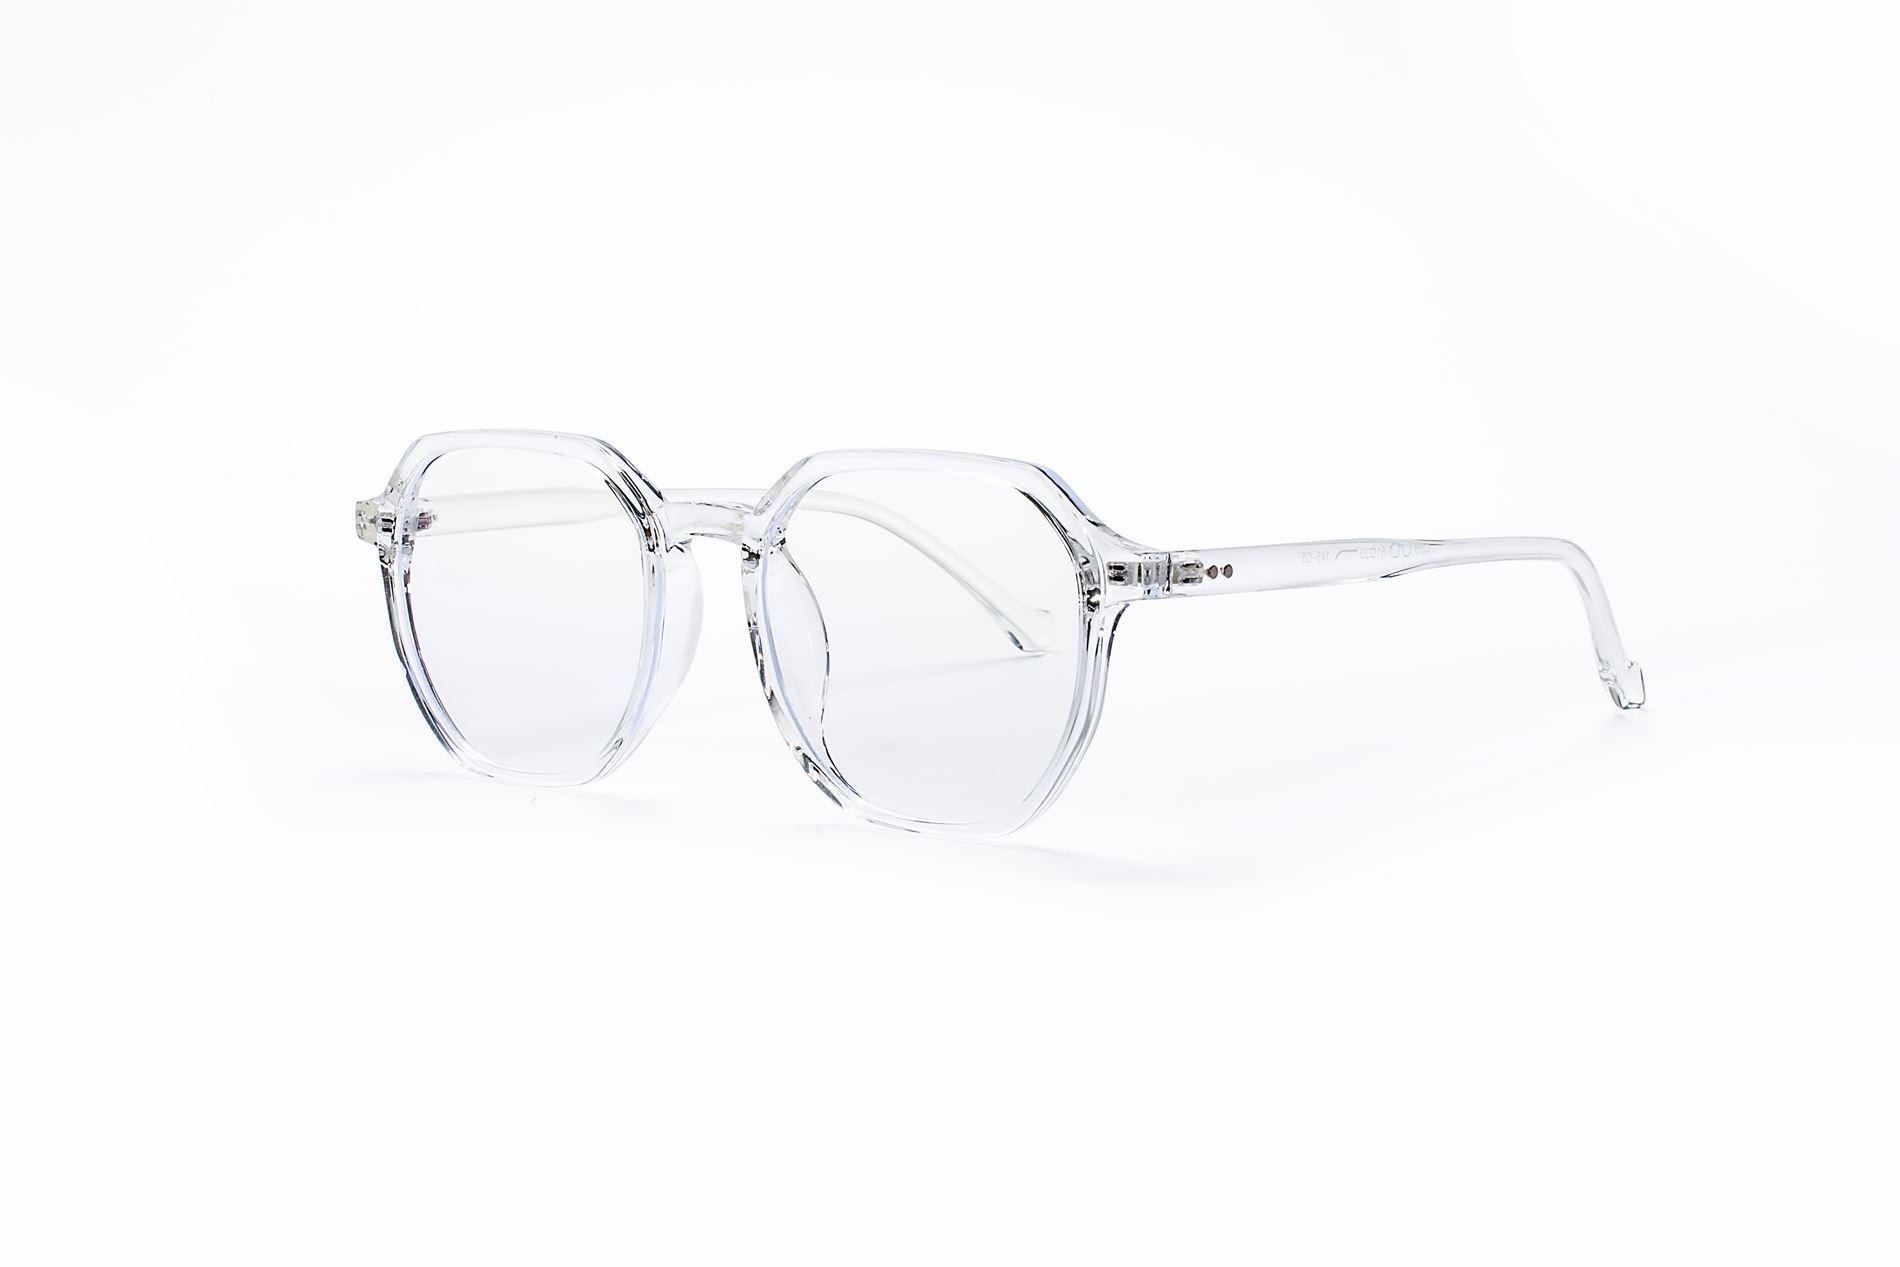 方形胶框抗蓝光眼镜 8399-C51